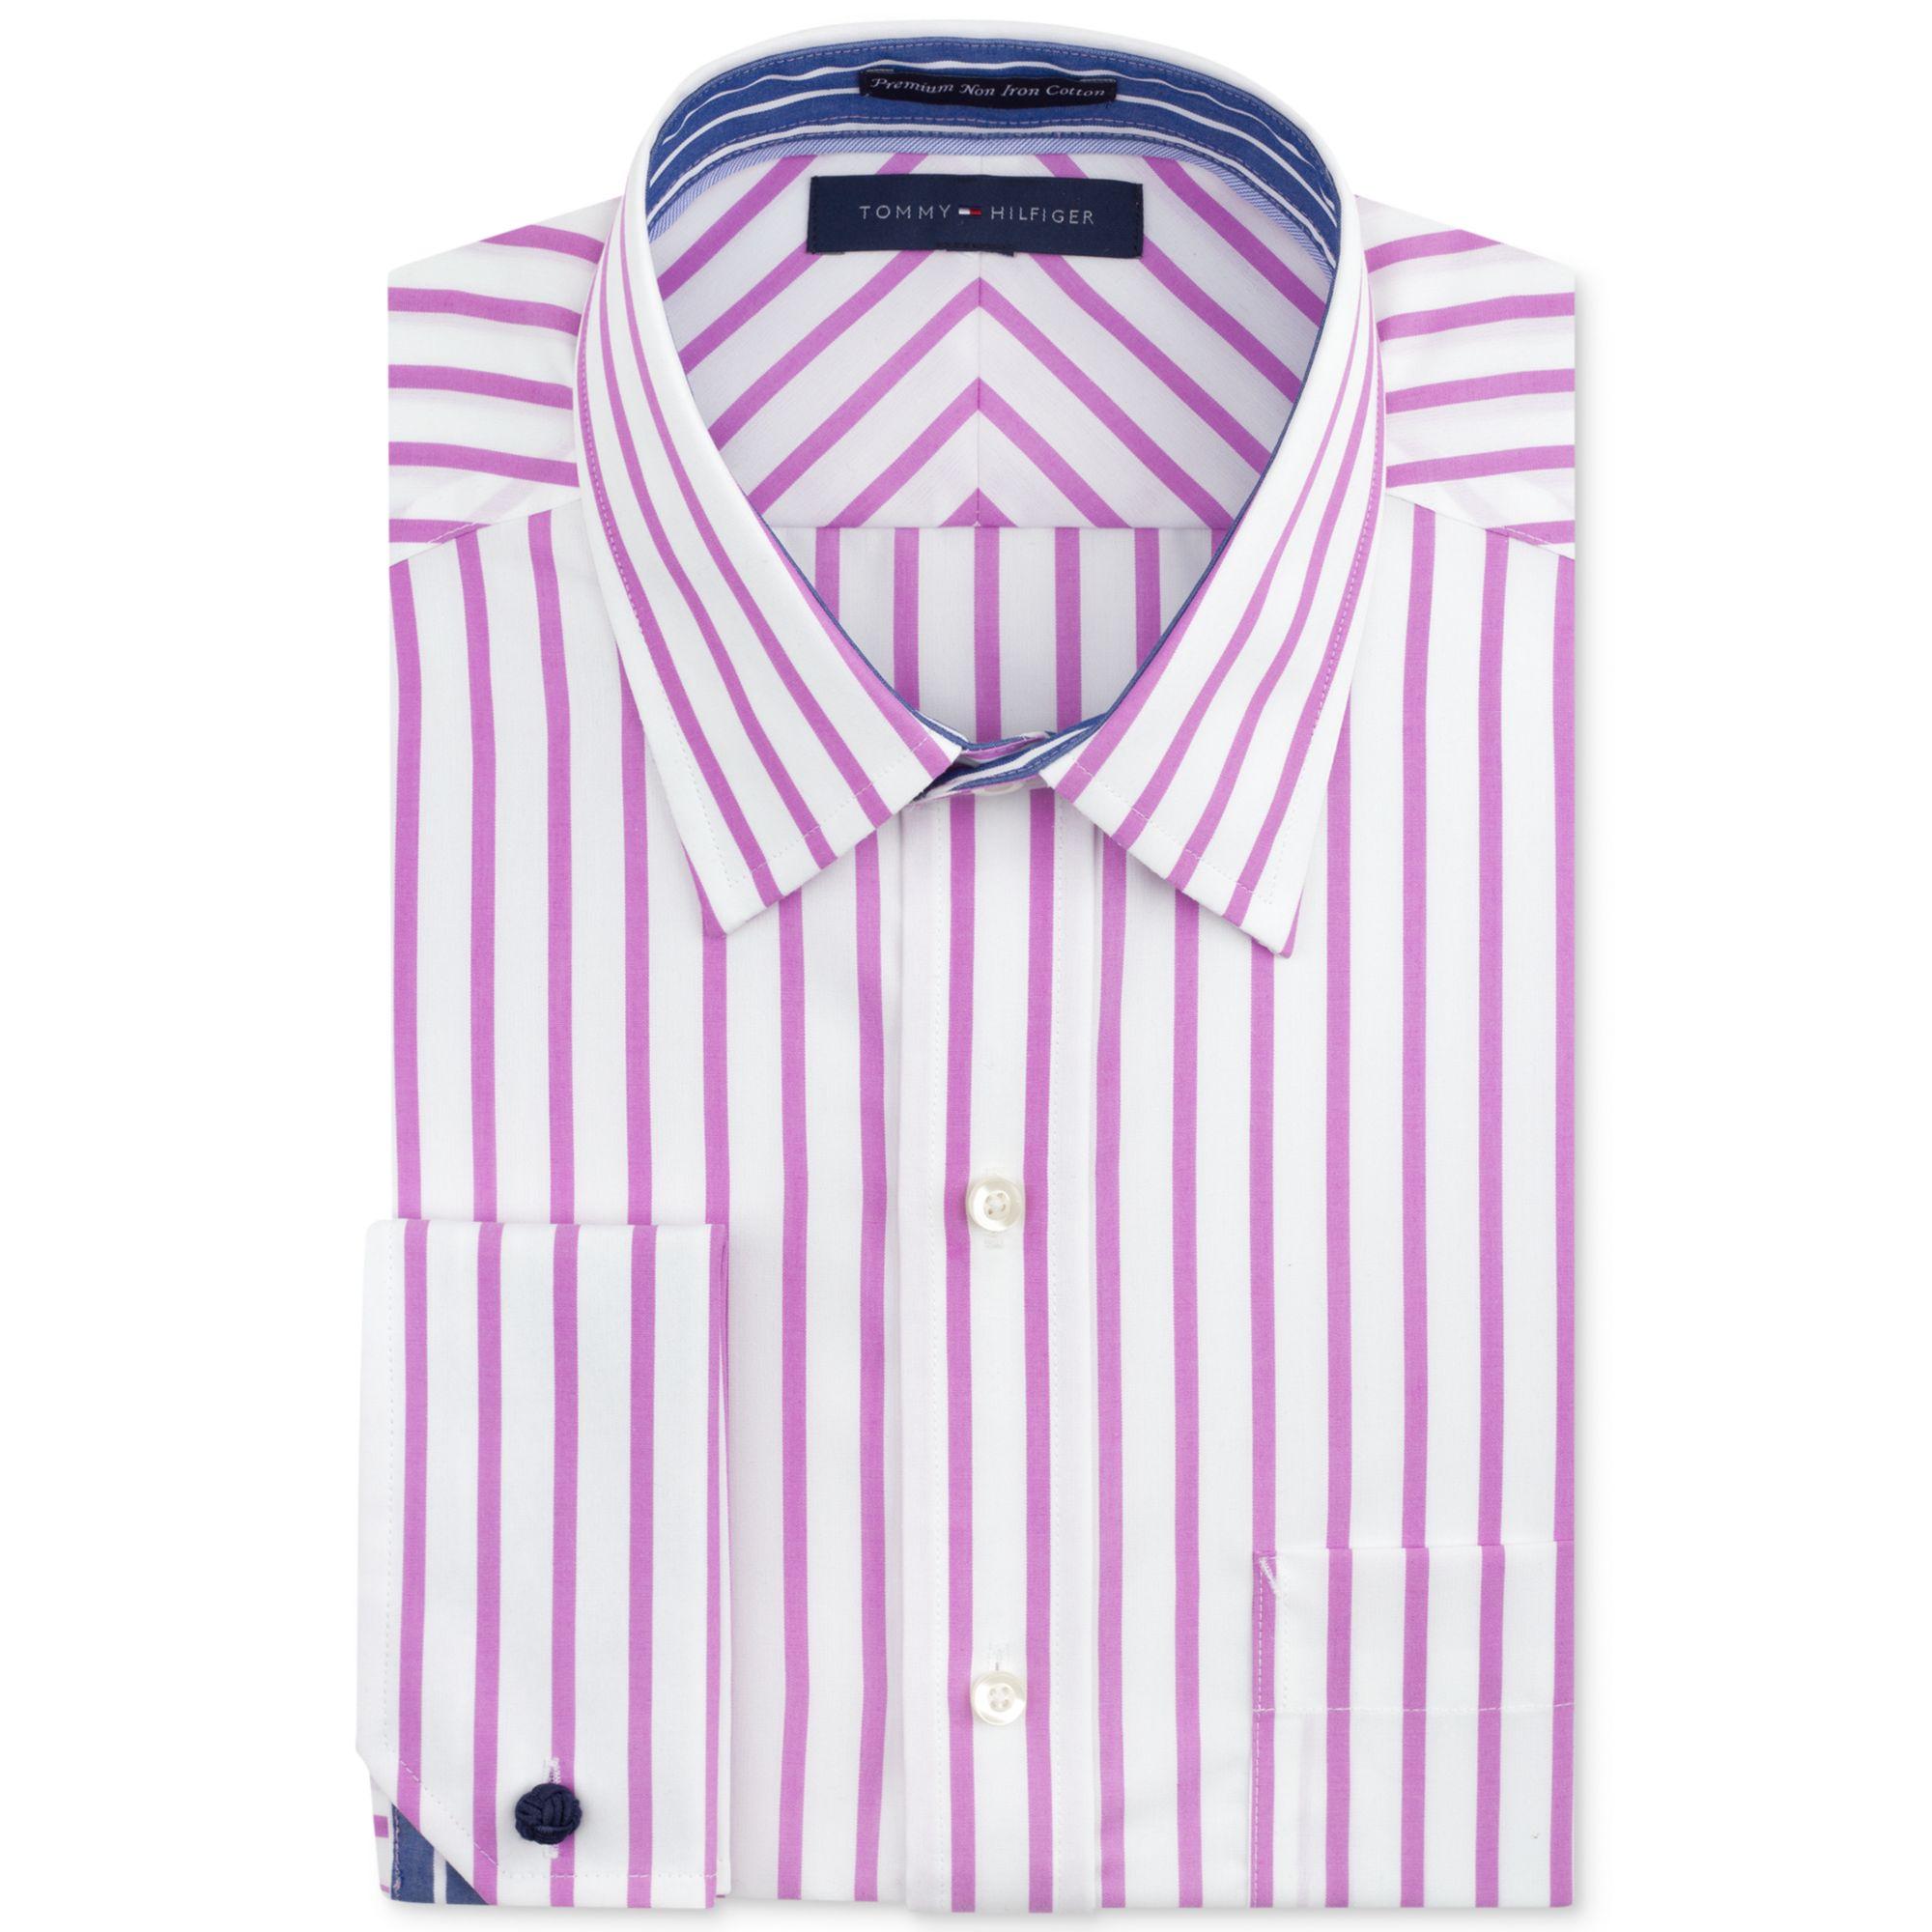 Tommy Hilfiger Noniron Magenta Stripe French Cuff Shirt In